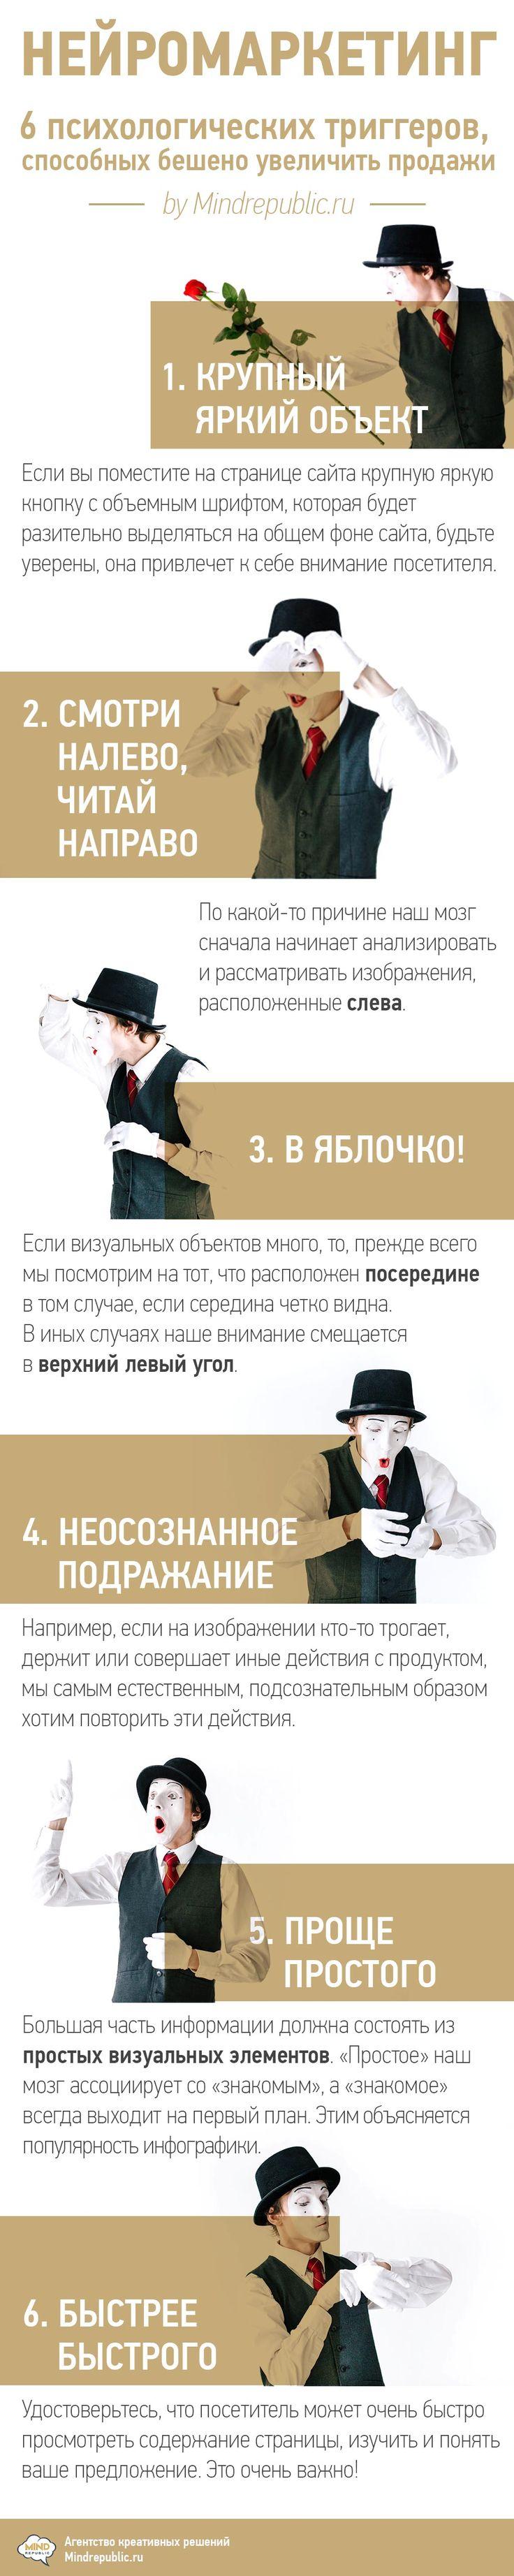 Нейромаркетинг. Инфографика про 14 триггеров, повышающих продажи. Infographics sales marketing. mime gold landing